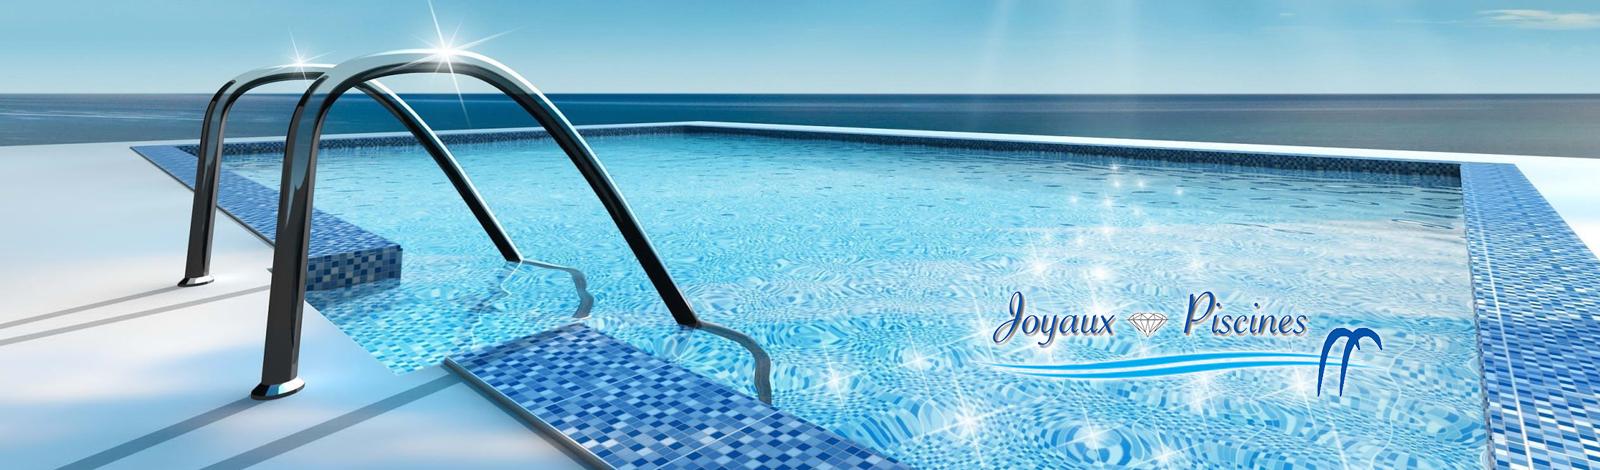 Joyaux piscines maroc la passion de l 39 eau for Piscine portable maroc